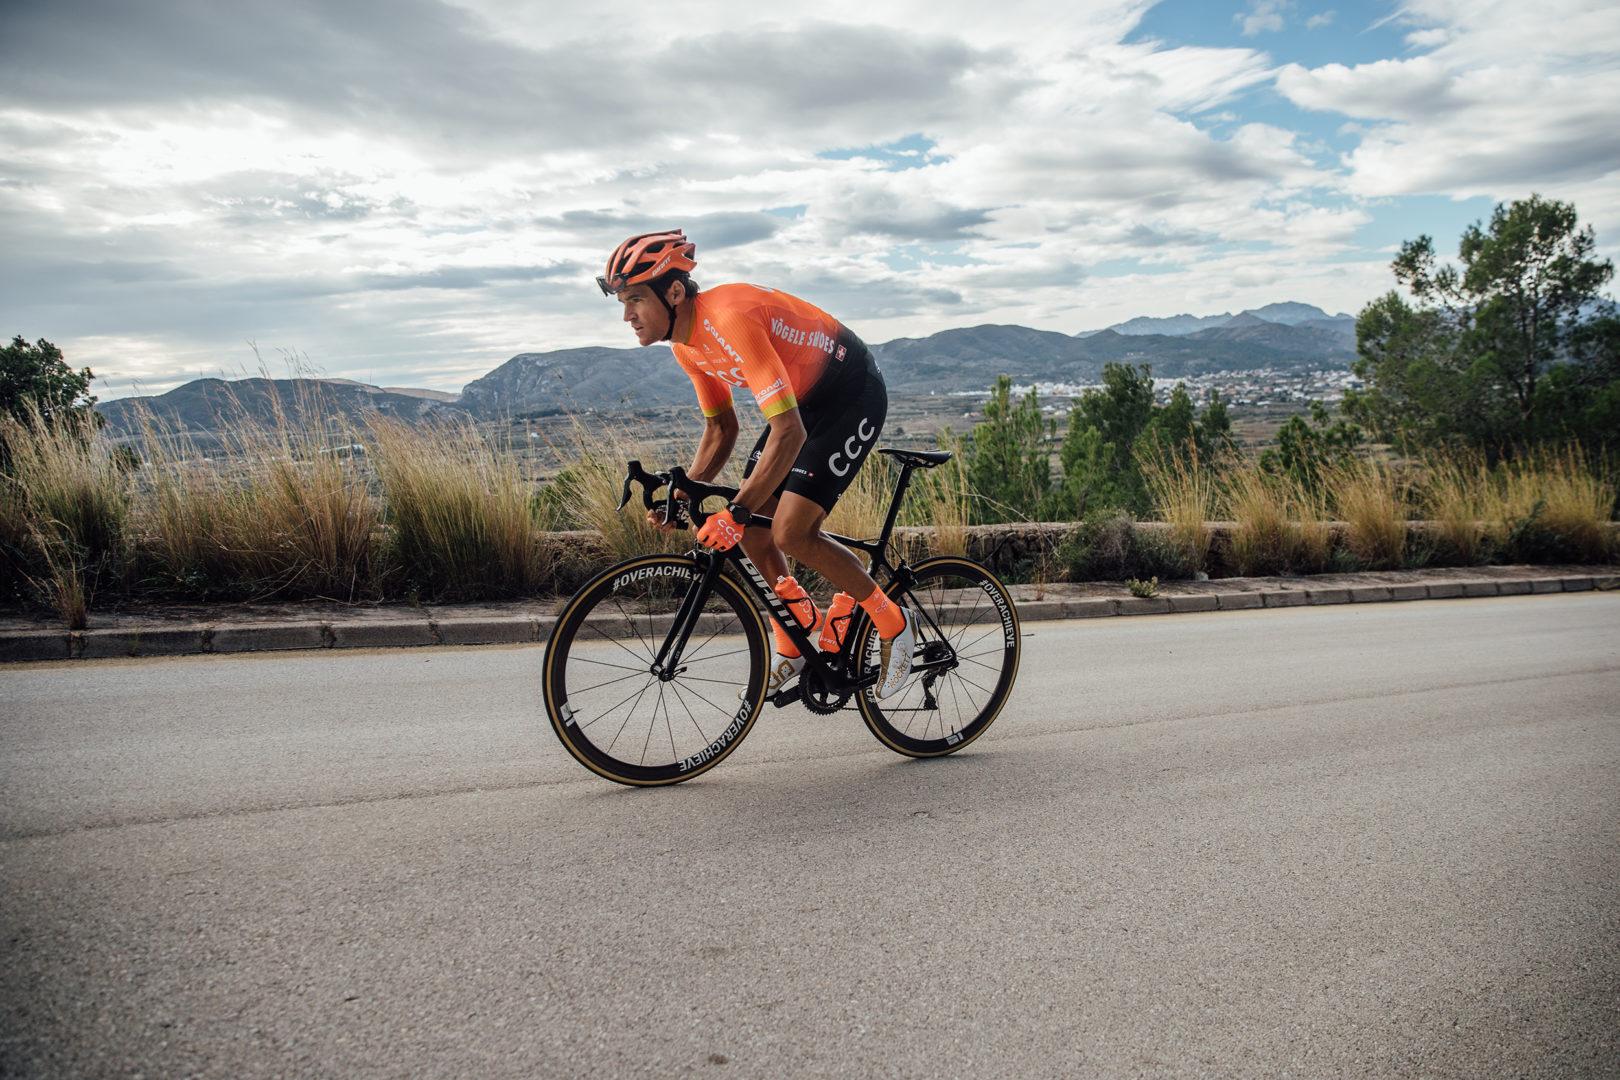 Greg Van Avermaet ciclista del CCC Team 2019